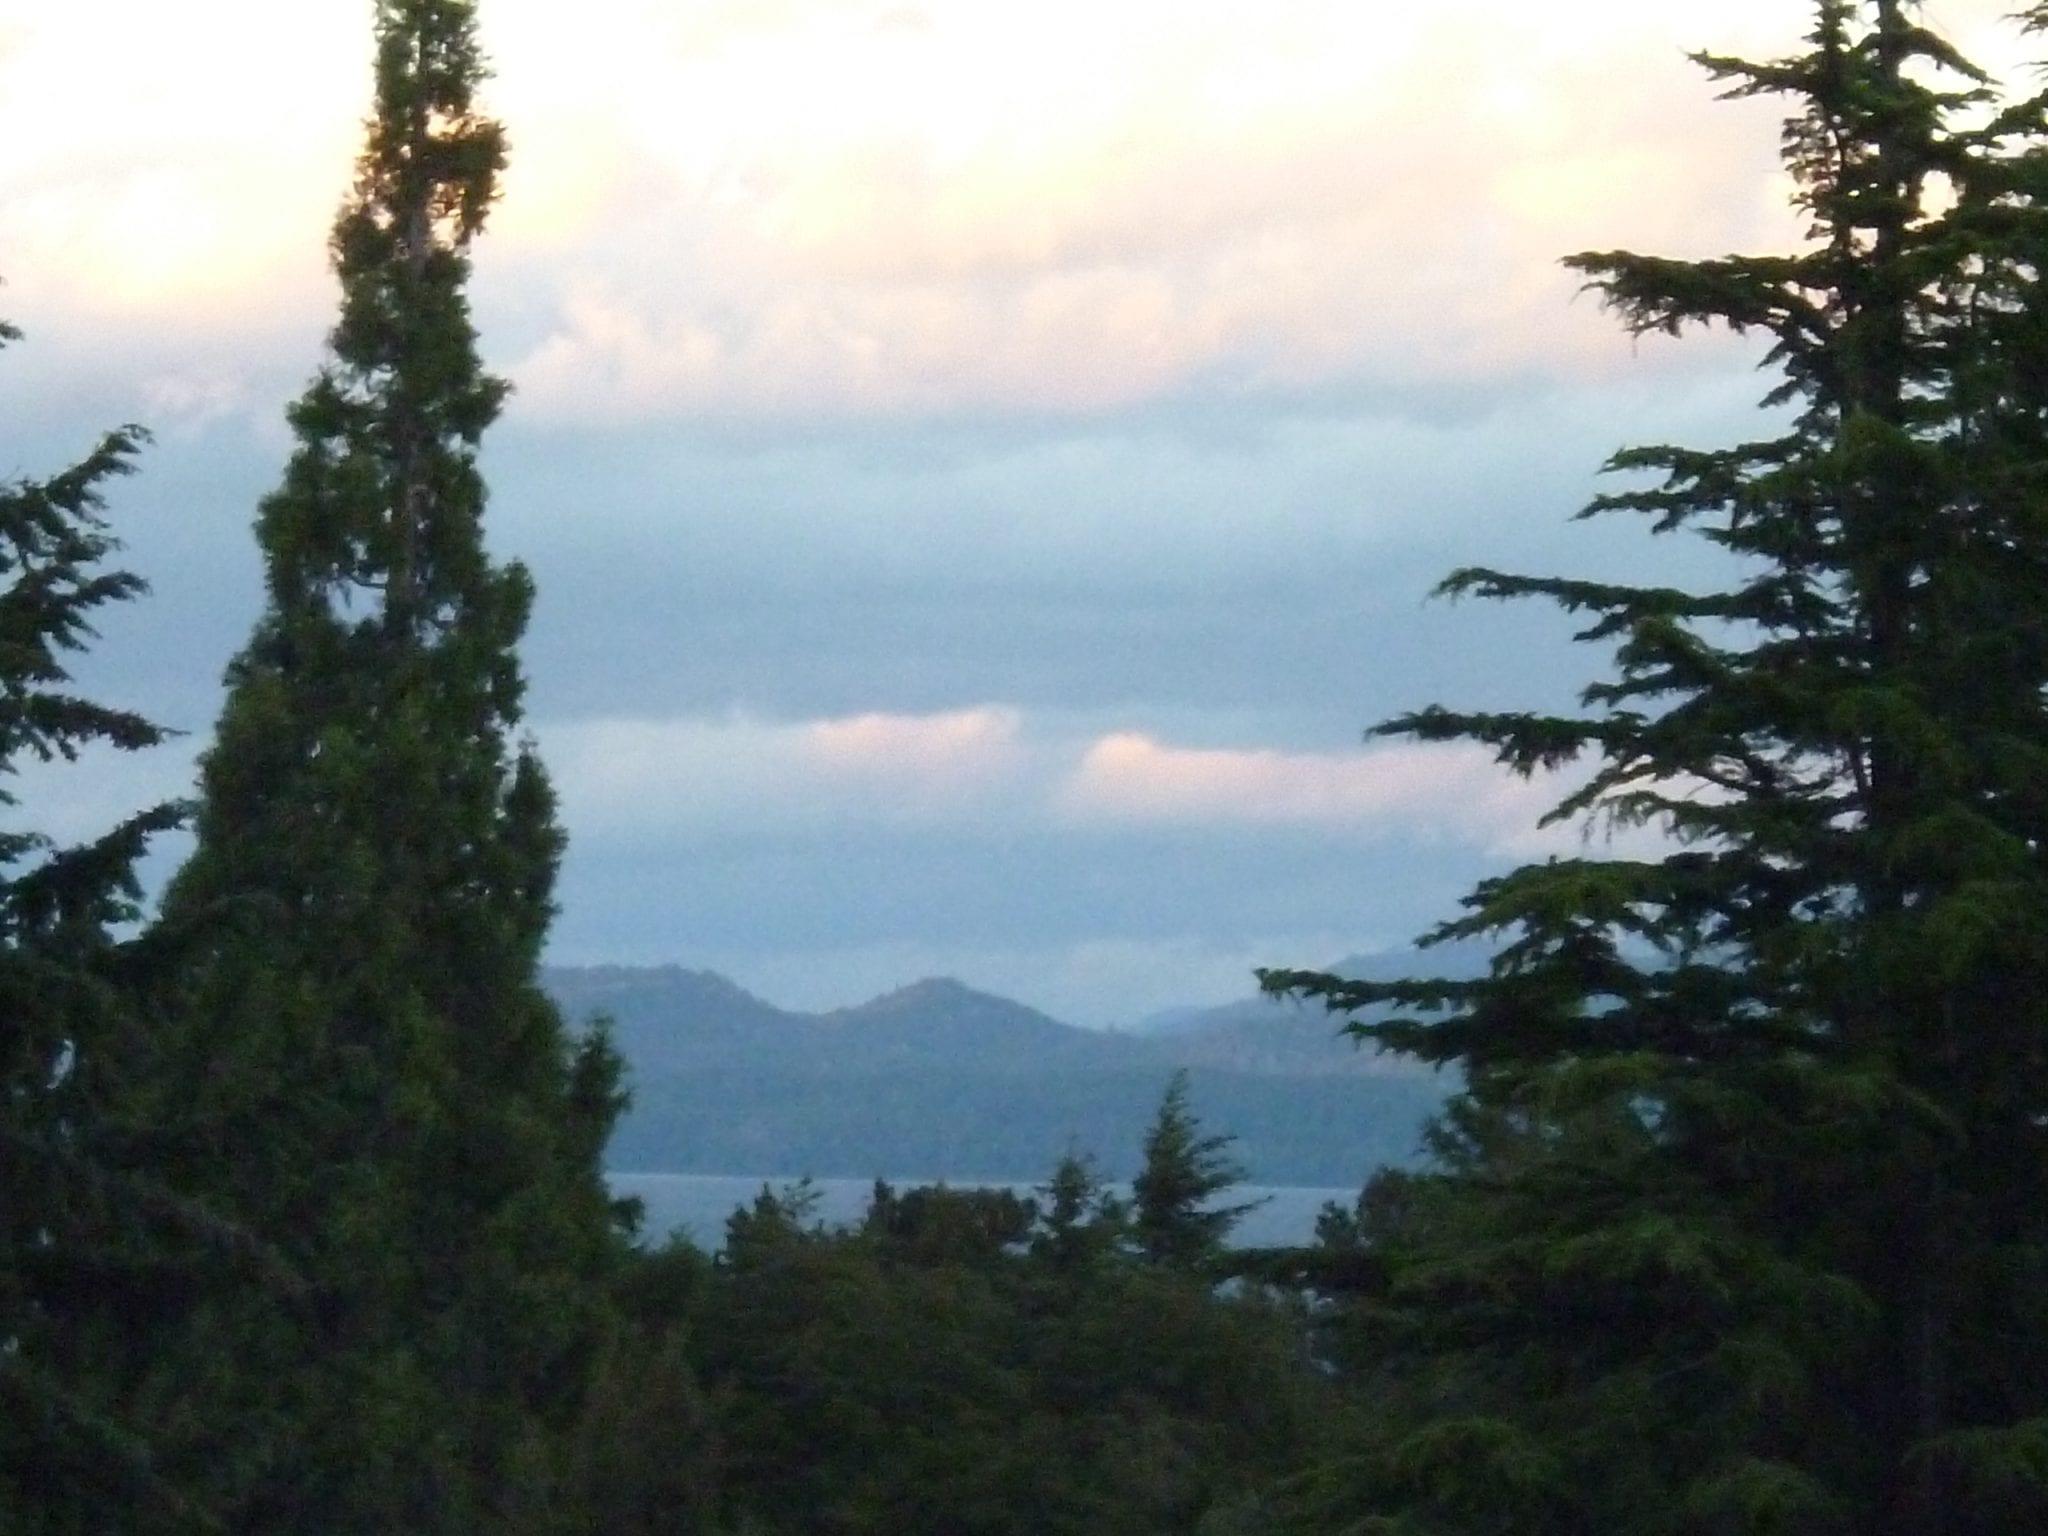 #7 Vu from Hotel in Baraloche - Copy